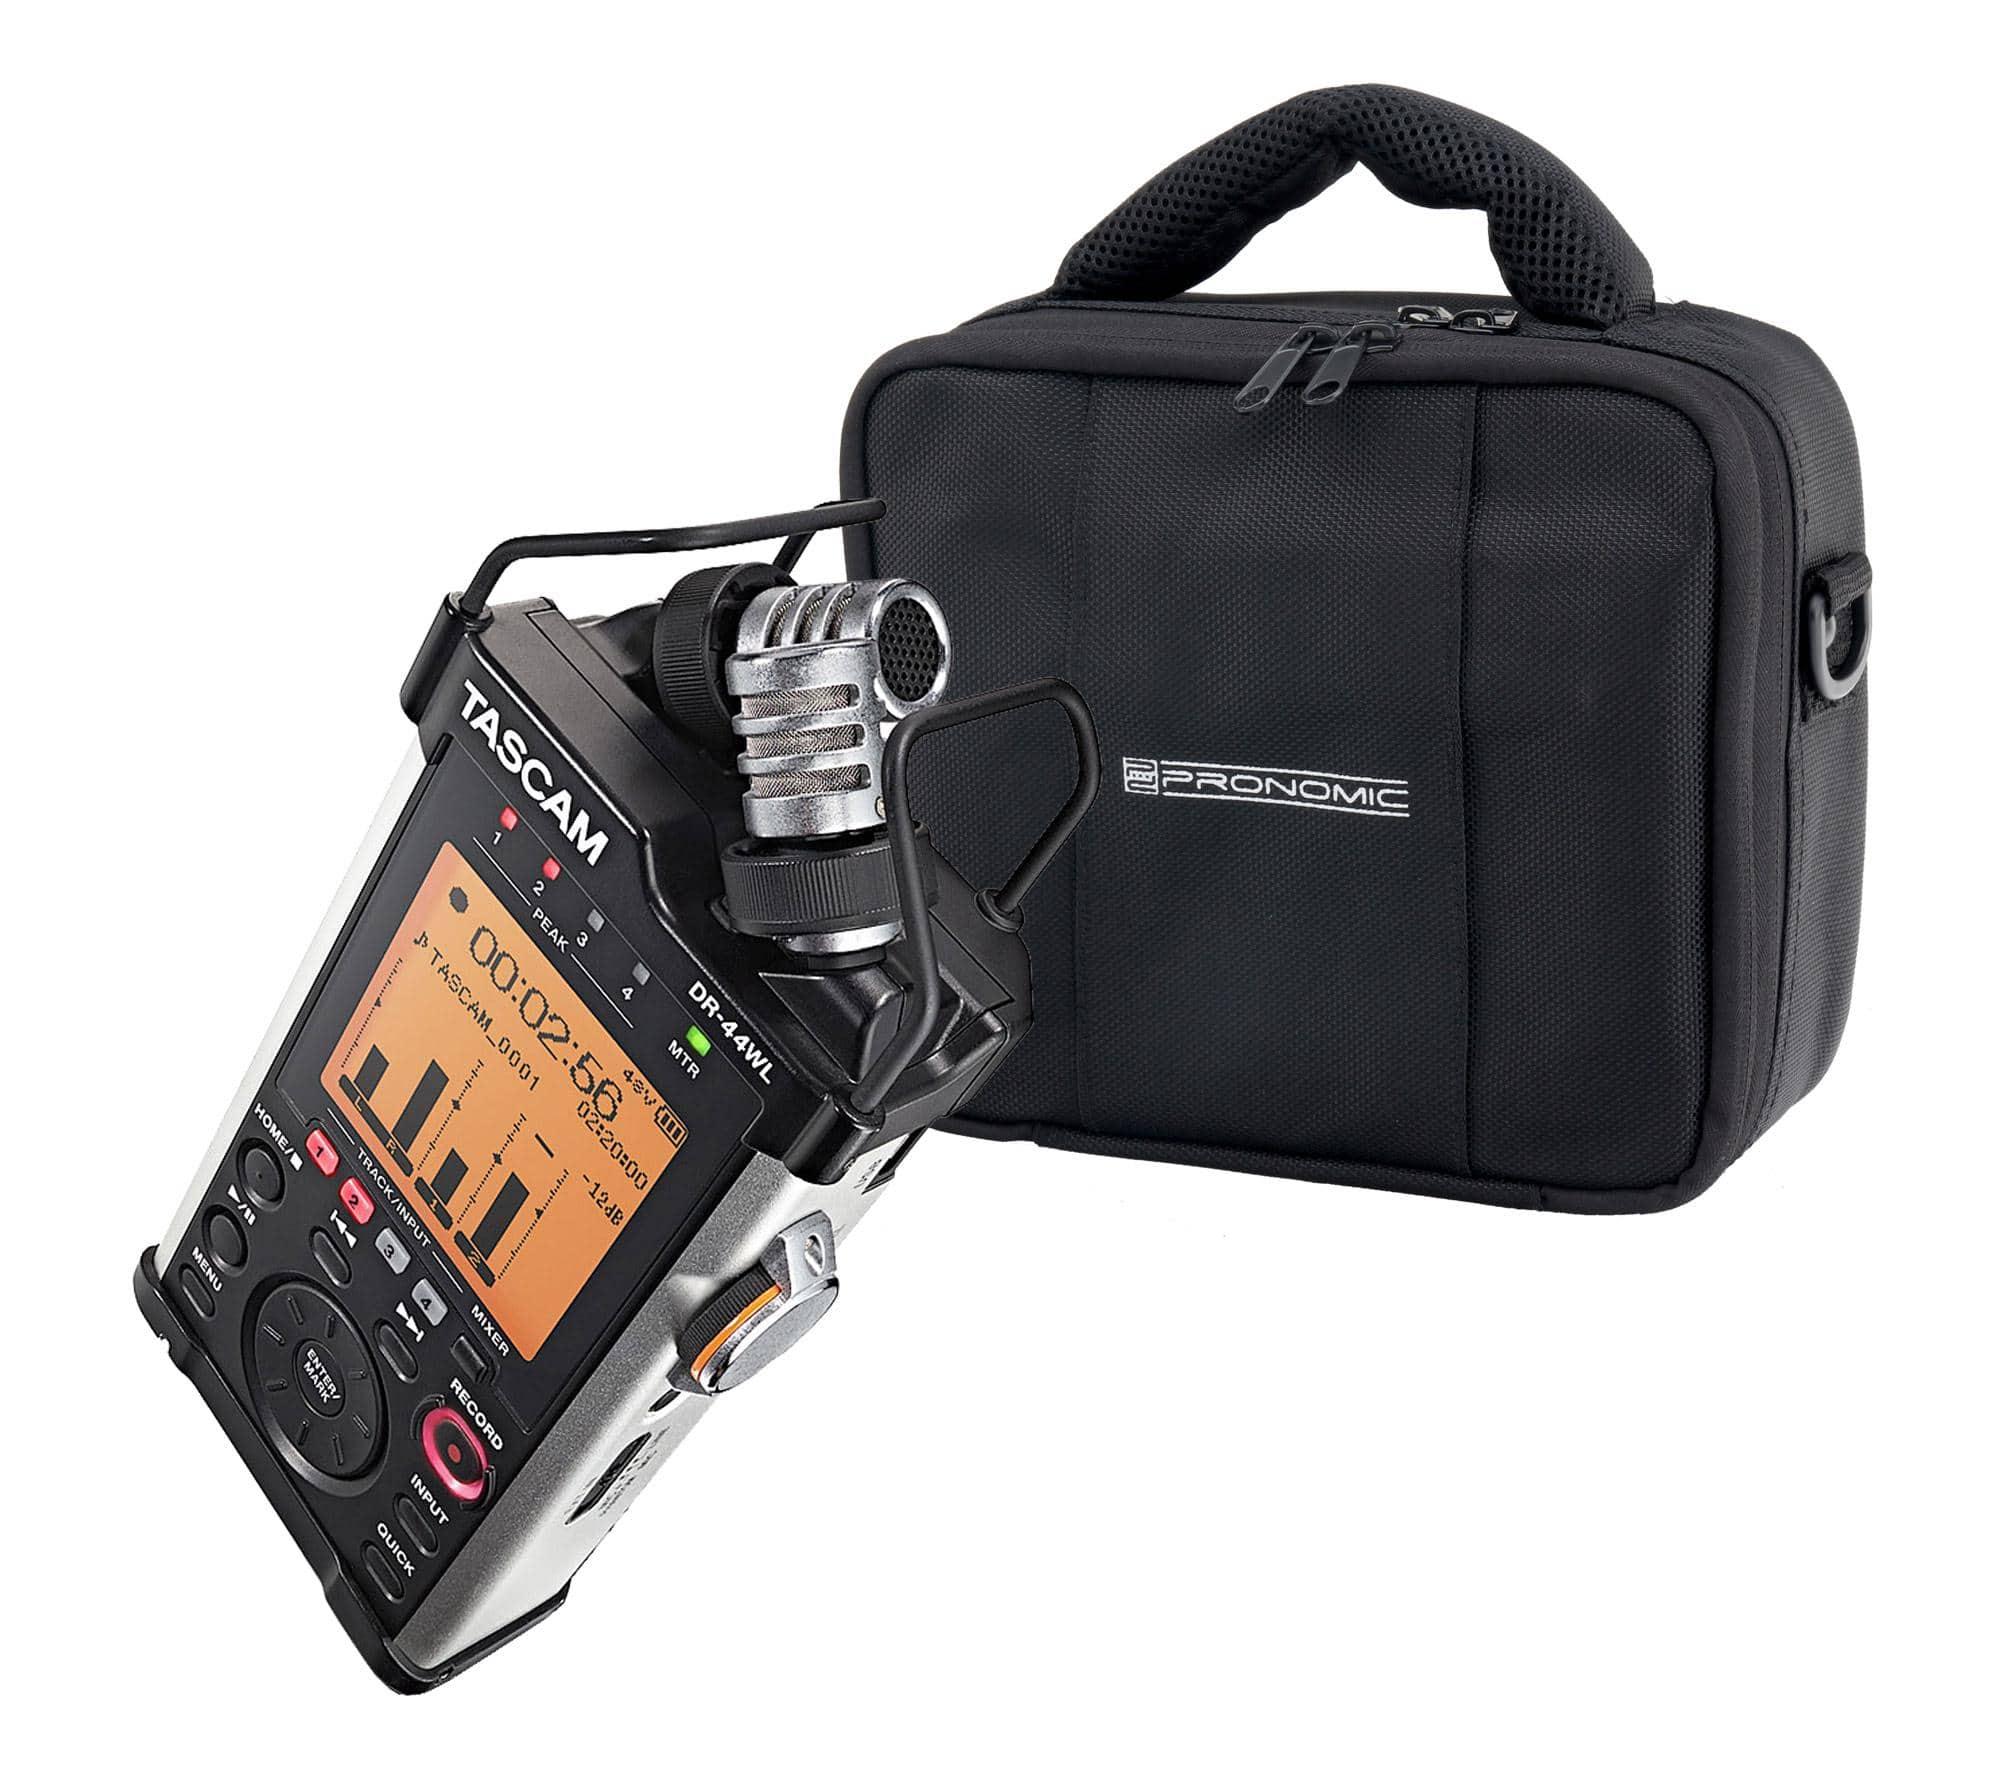 Recording - Tascam DR 44WL Handheld Recorder Set inkl. Tasche - Onlineshop Musikhaus Kirstein